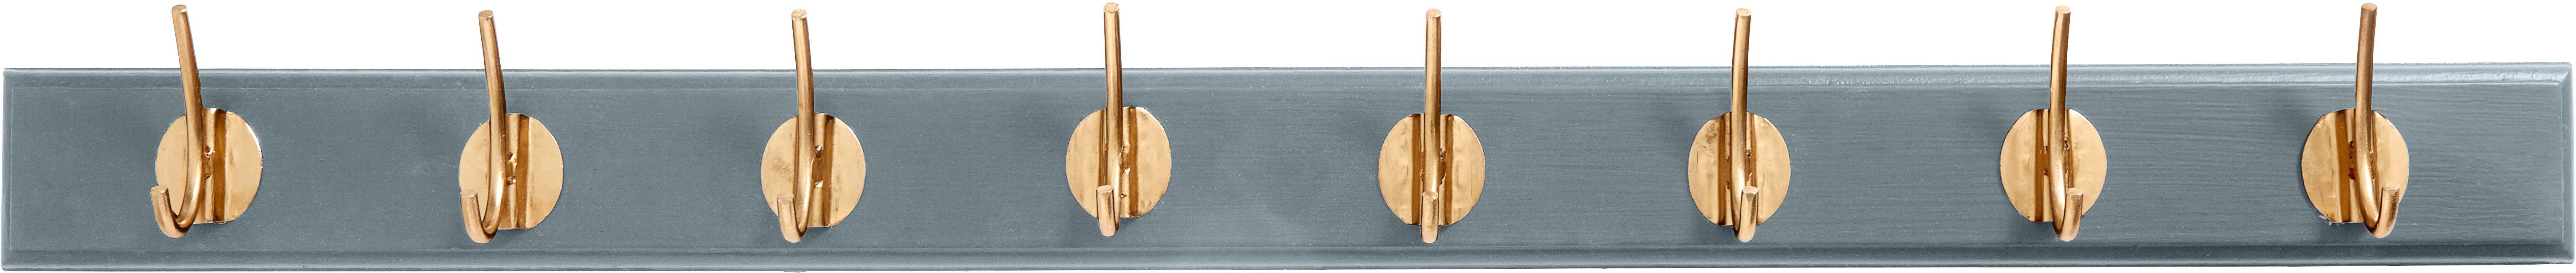 Ganci appendiabiti in metallo Aoife, Asta: pannello di fibra a media, Grigio, Larg. 90 x Alt.7 cm